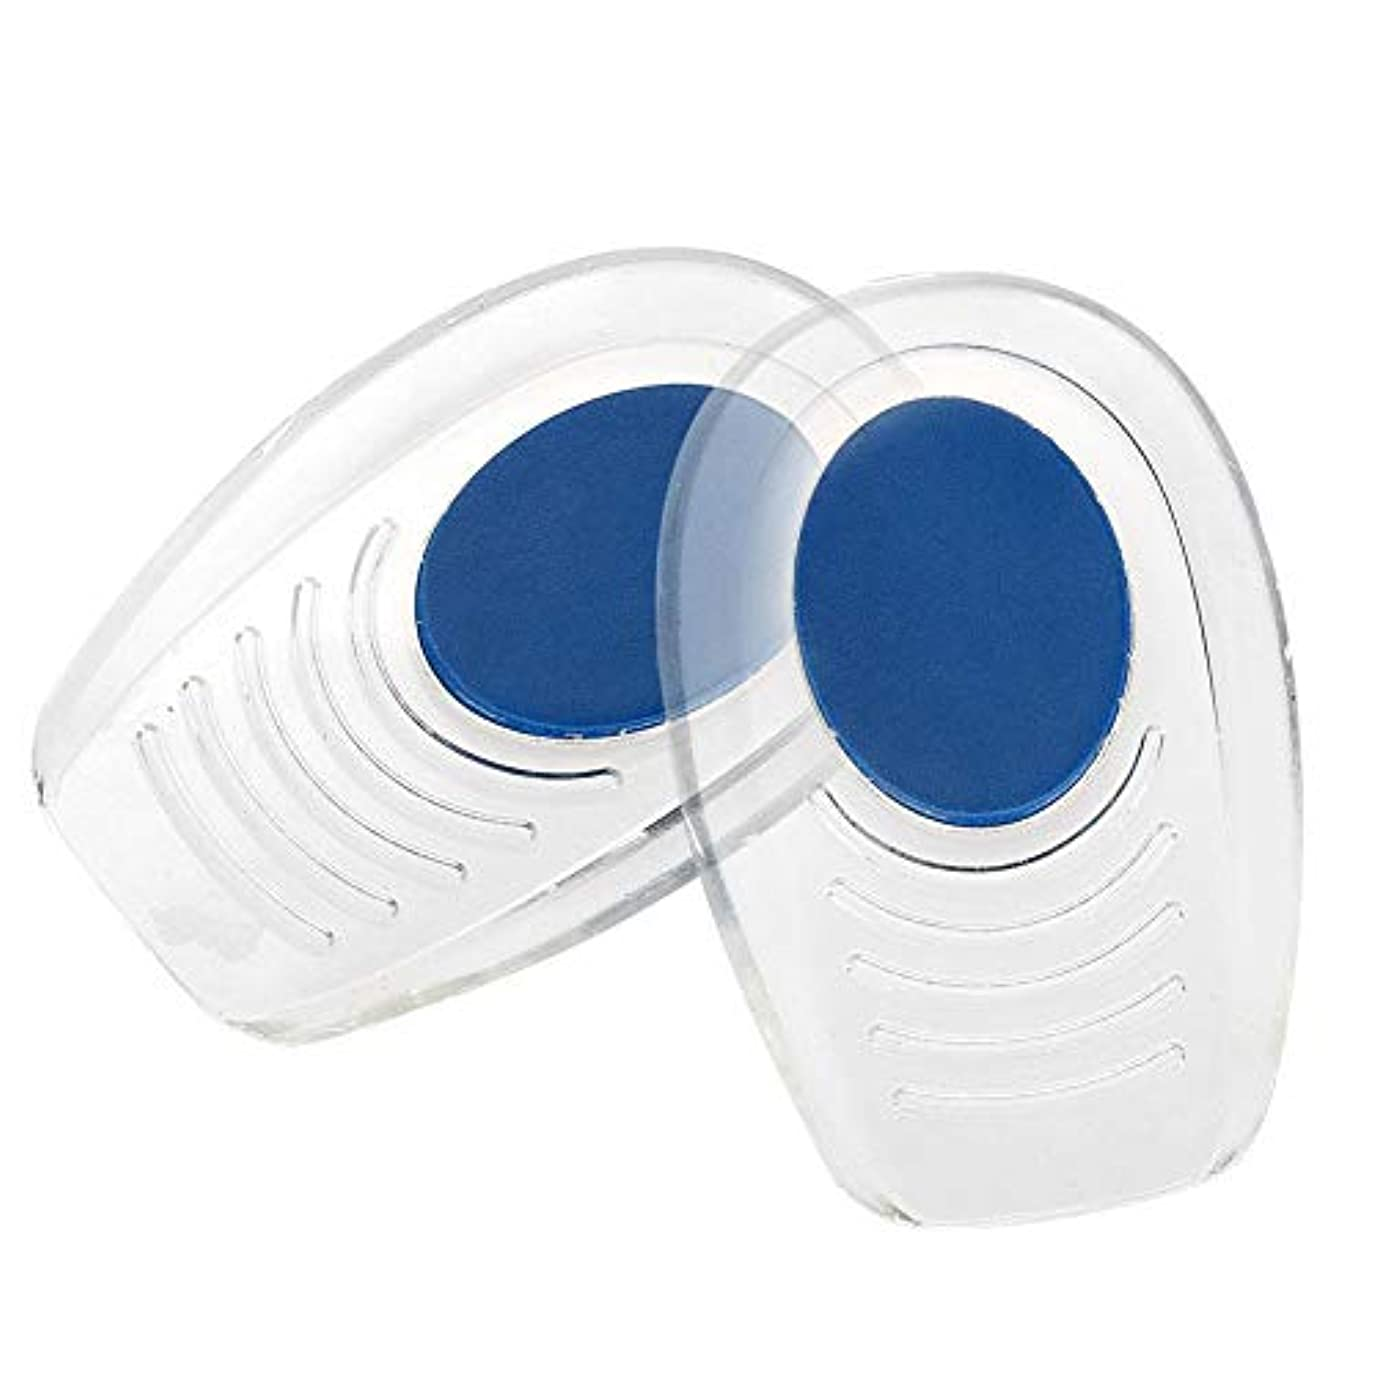 原告結果小さなソフトインソール かかと痛みパッド   シリコーン衝撃吸収ヒールパッド (滑り止めテクスチャー付) ブルー パッドフットケアツール (S(7*10.5CM))